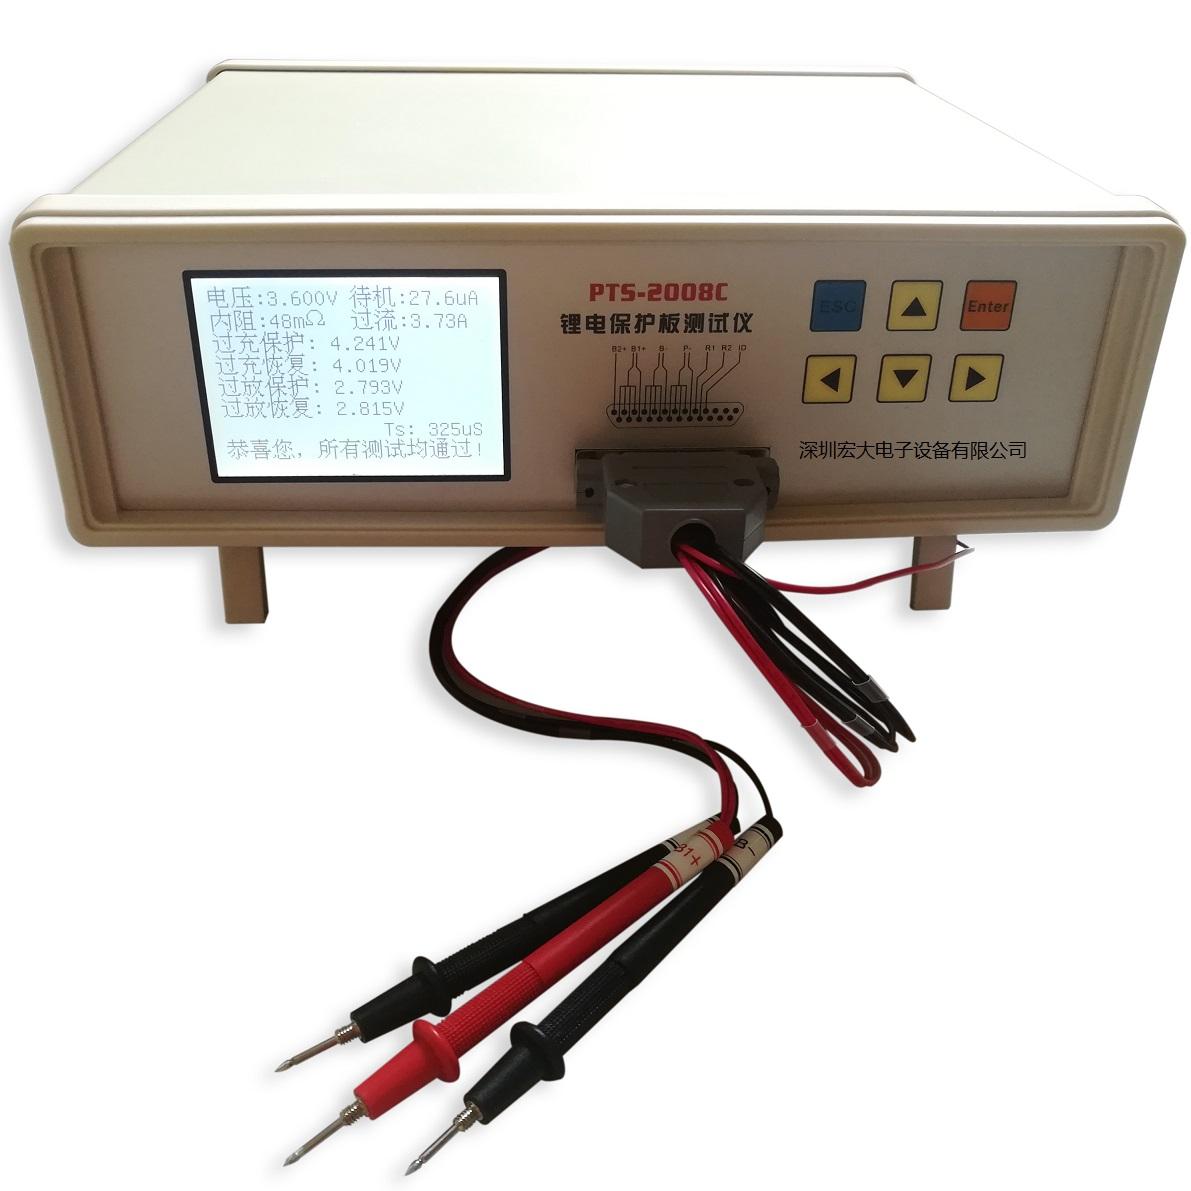 电池保护板测试仪2008C锂电池保护板测试仪